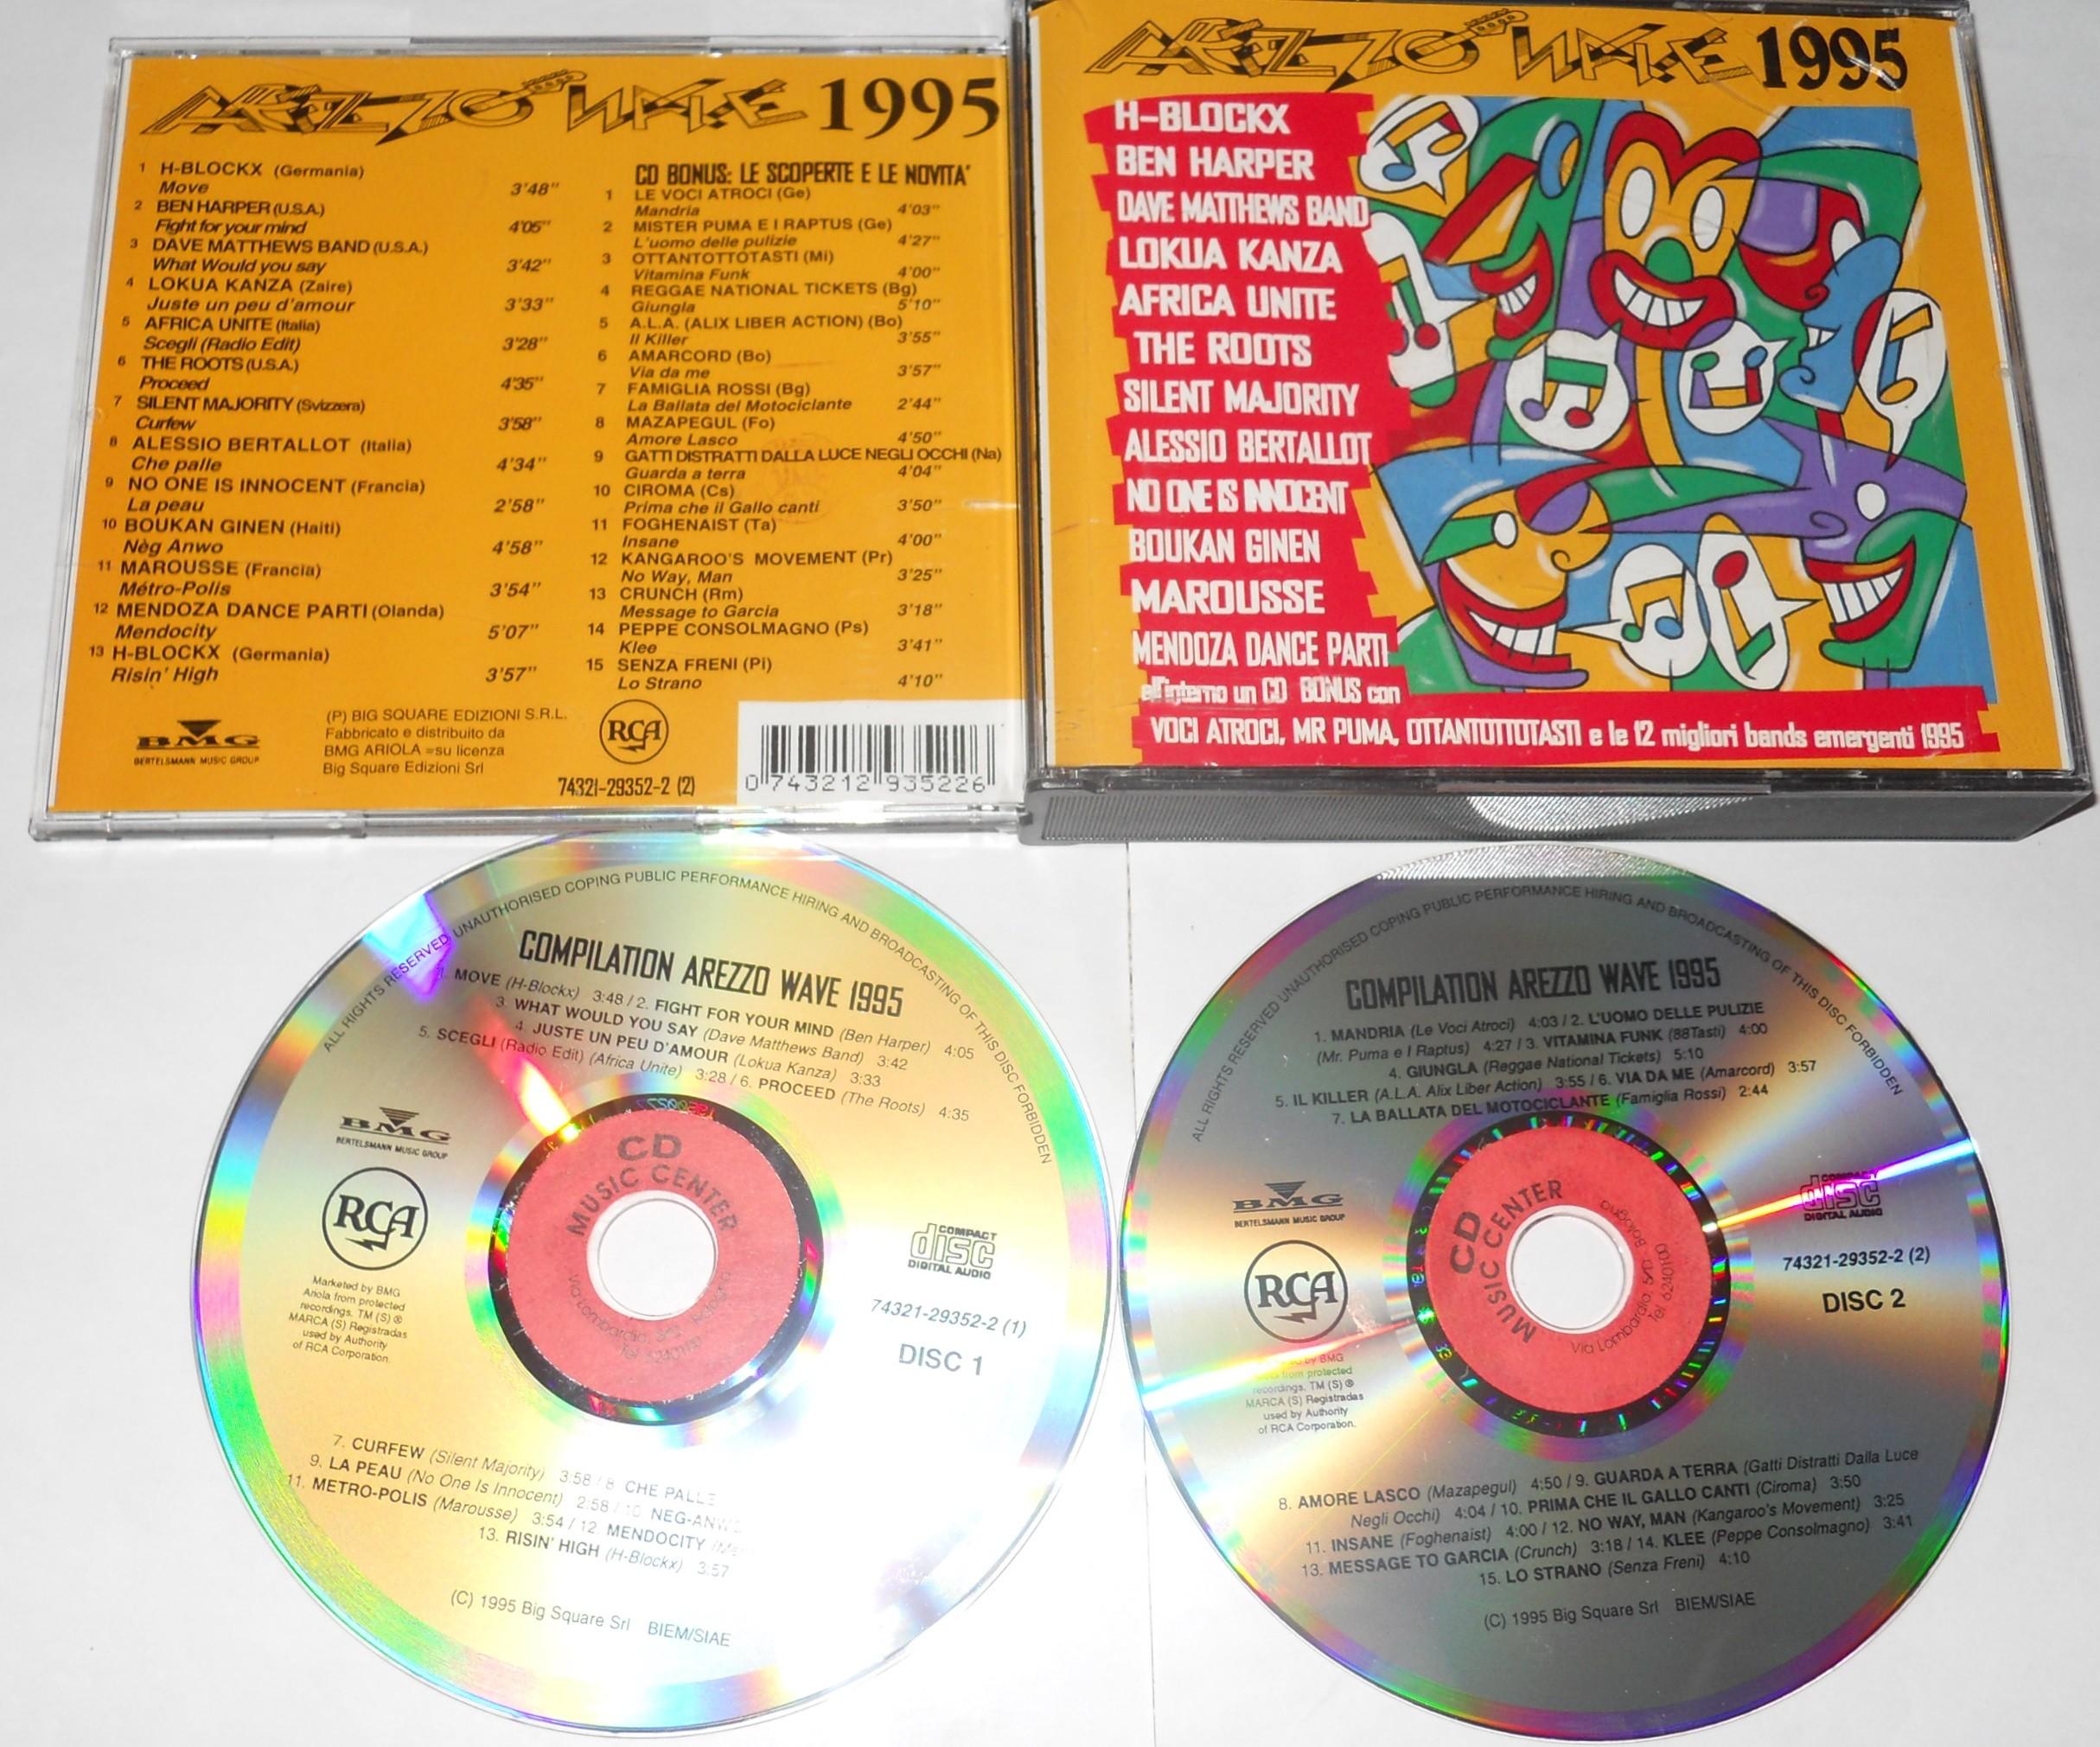 arezzo wave 1995